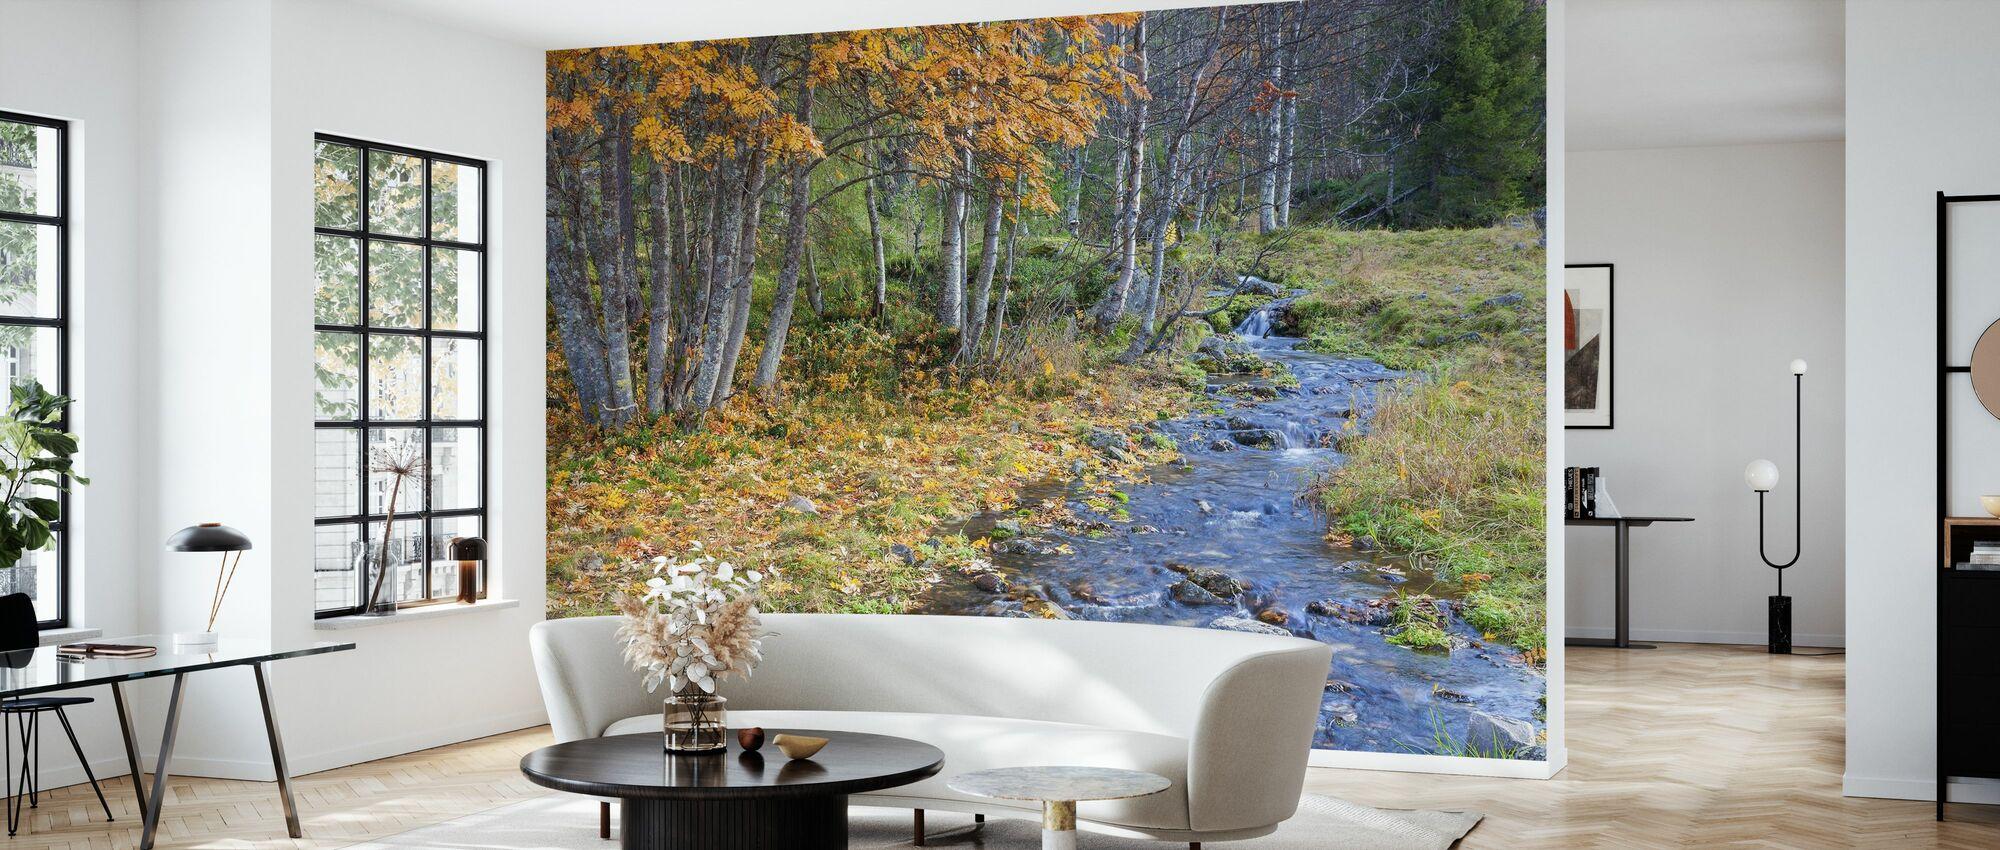 Autumn River - Wallpaper - Living Room